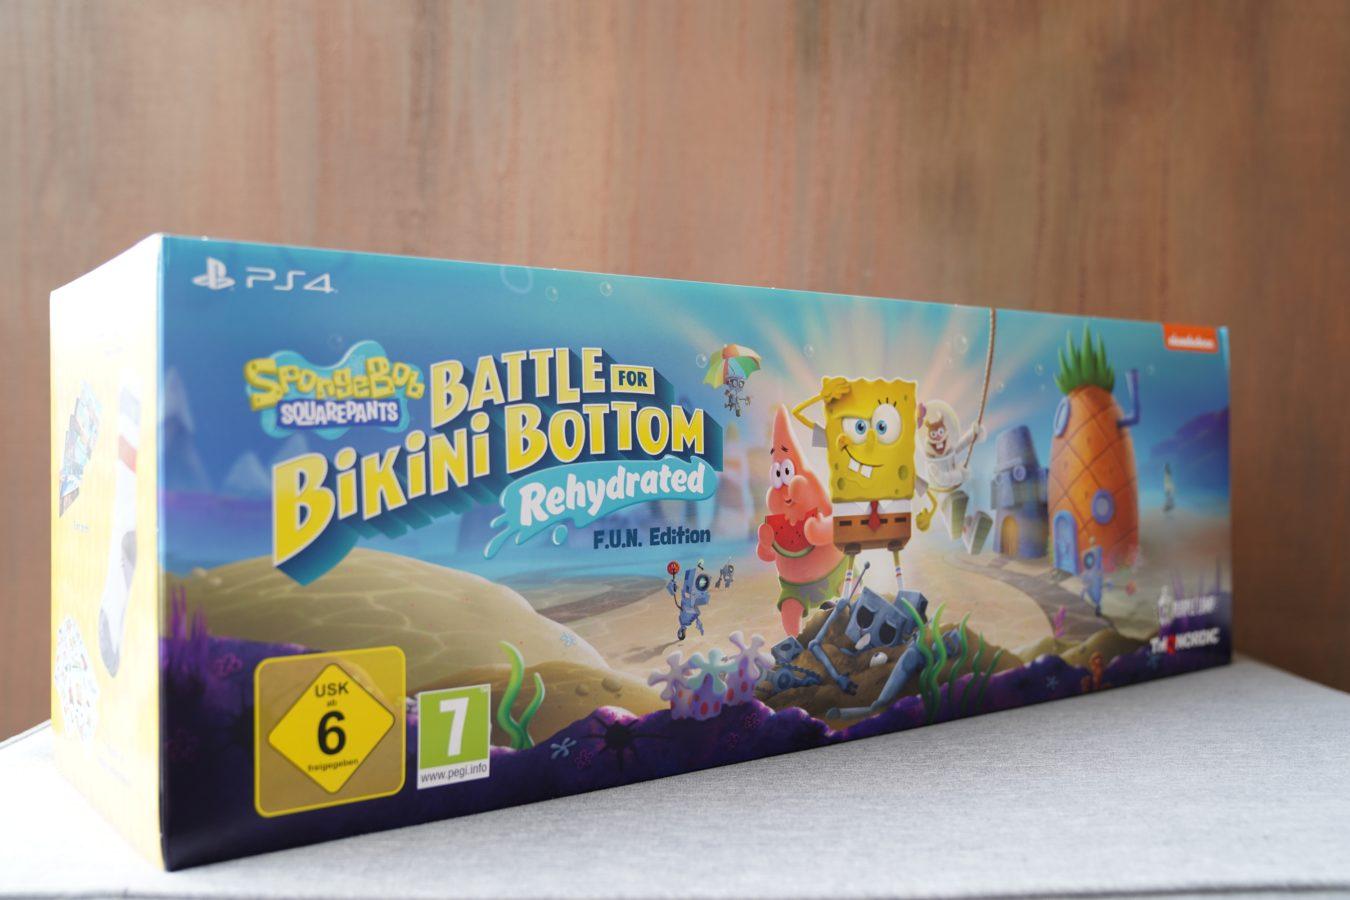 Unboxing ogromnej edycji kolekcjonerskiej SpongeBob SquarePants: Battle for Bikini Bottom Rehydrated F.U.N. Edition 22